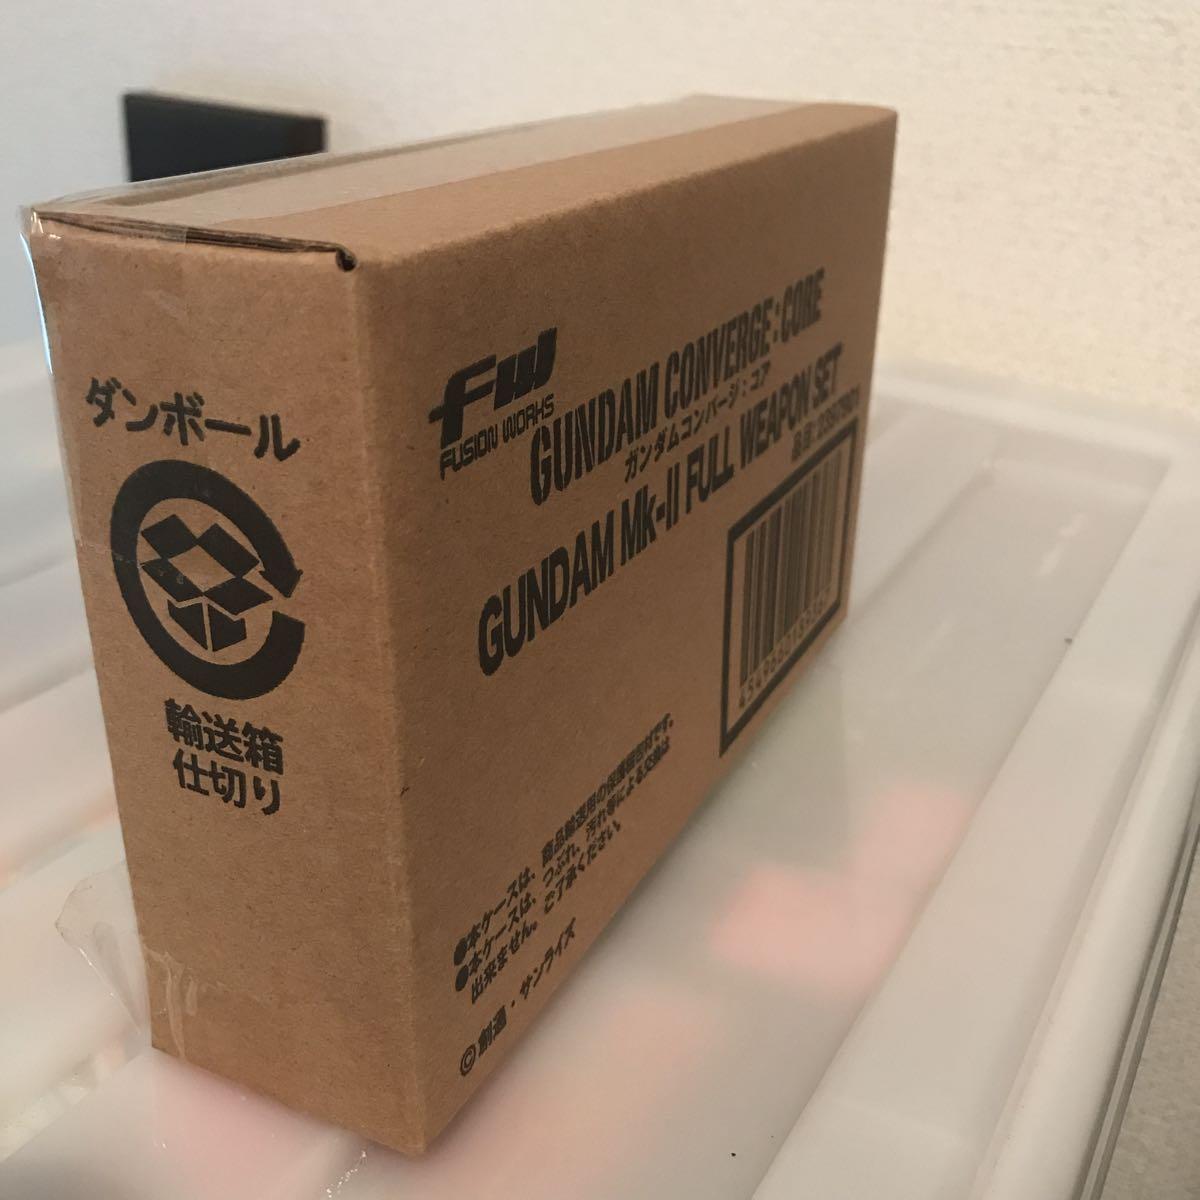 未開封 ガンダム mk2 mk-Ⅱ フルウェポンセット fw gundam converge core gディフェンサー_画像4